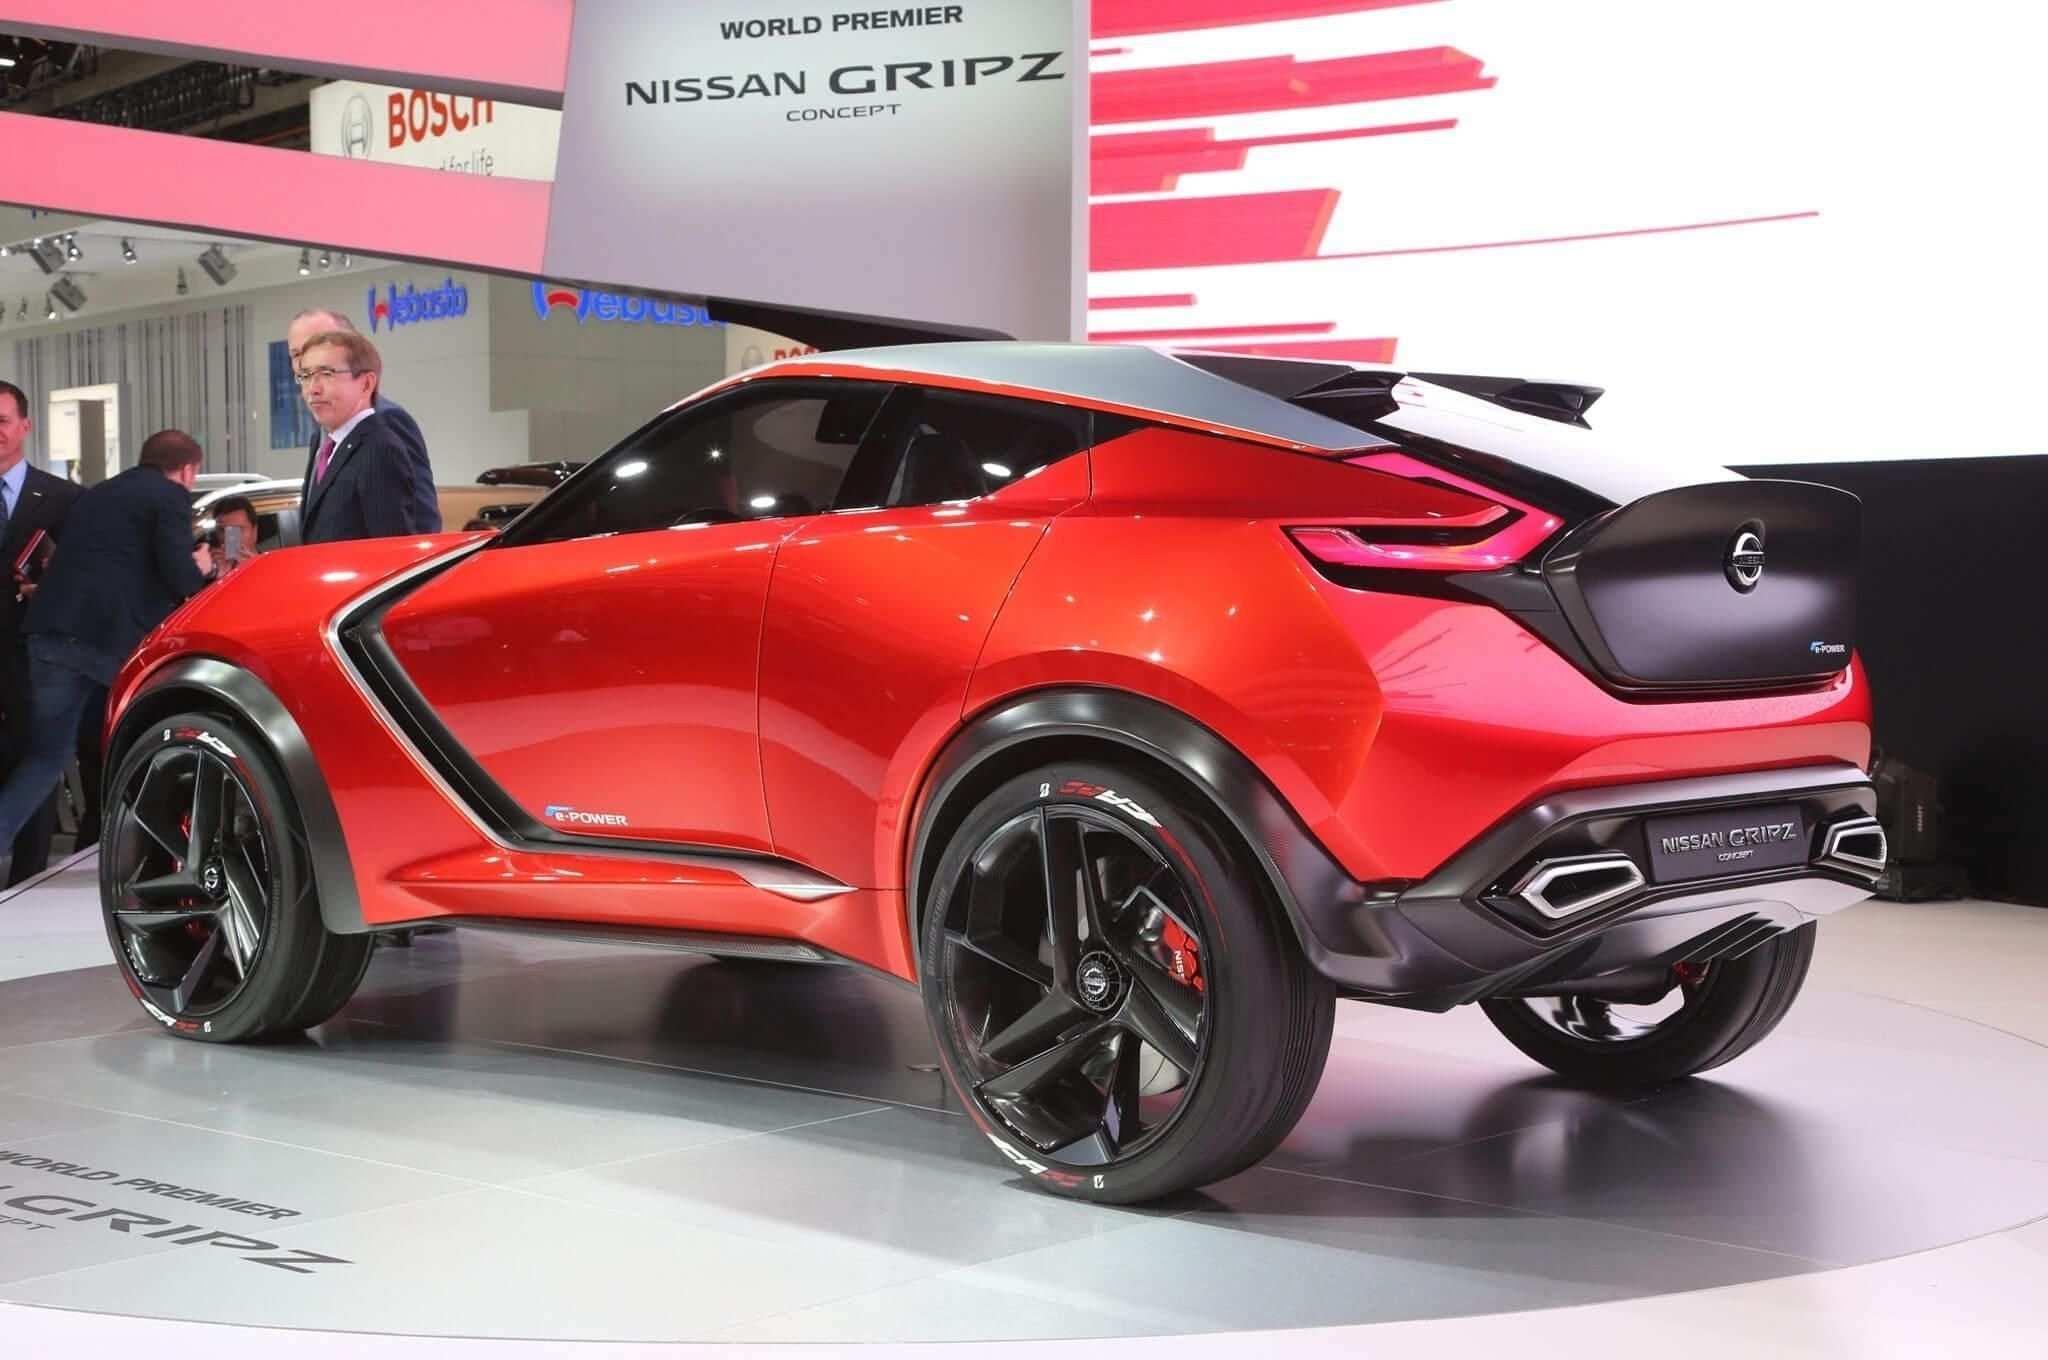 24 Great Best 2019 Nissan Juke Nismo Spy Shoot Performance for Best 2019 Nissan Juke Nismo Spy Shoot